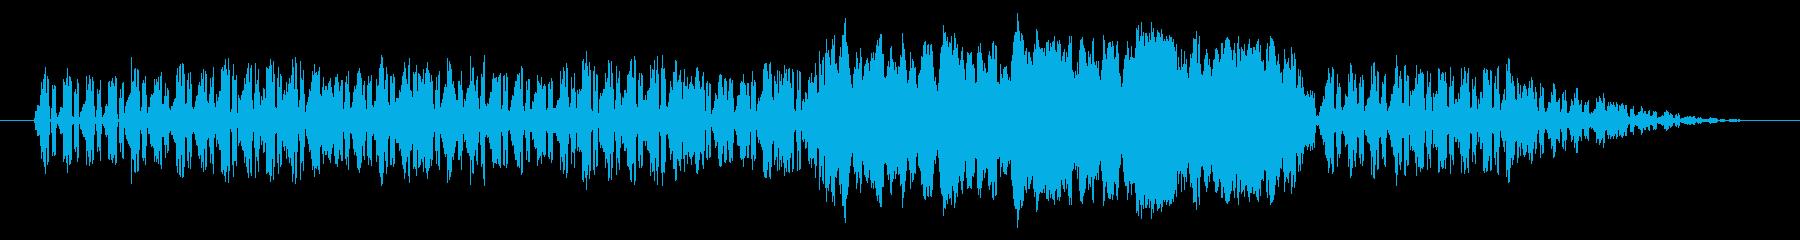 ノスタルジックなオルガン(白黒映画)の再生済みの波形